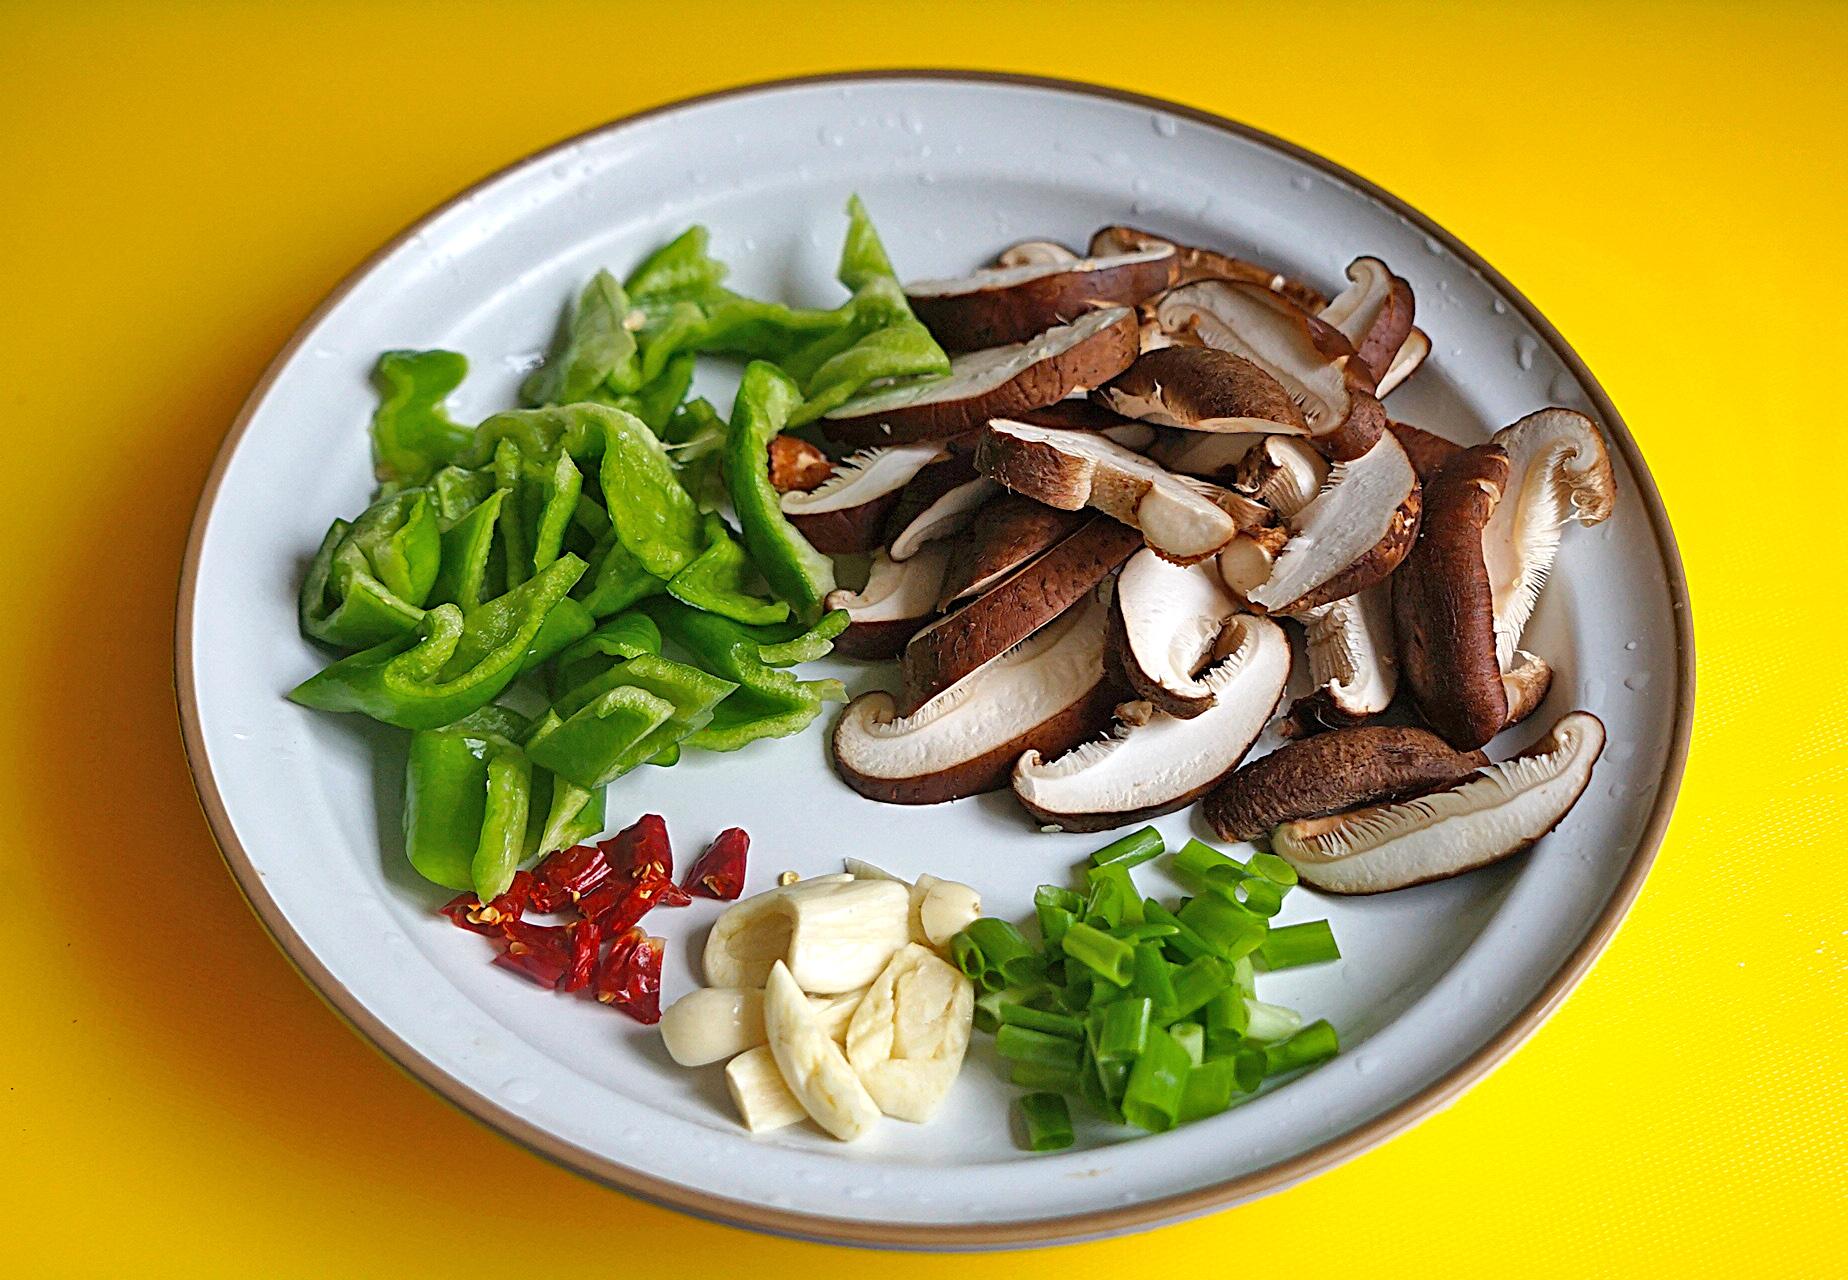 明日谷雨节气,给家人吃这菜,鲜嫩营养又美味,比春笋还要好吃 美食做法 第6张